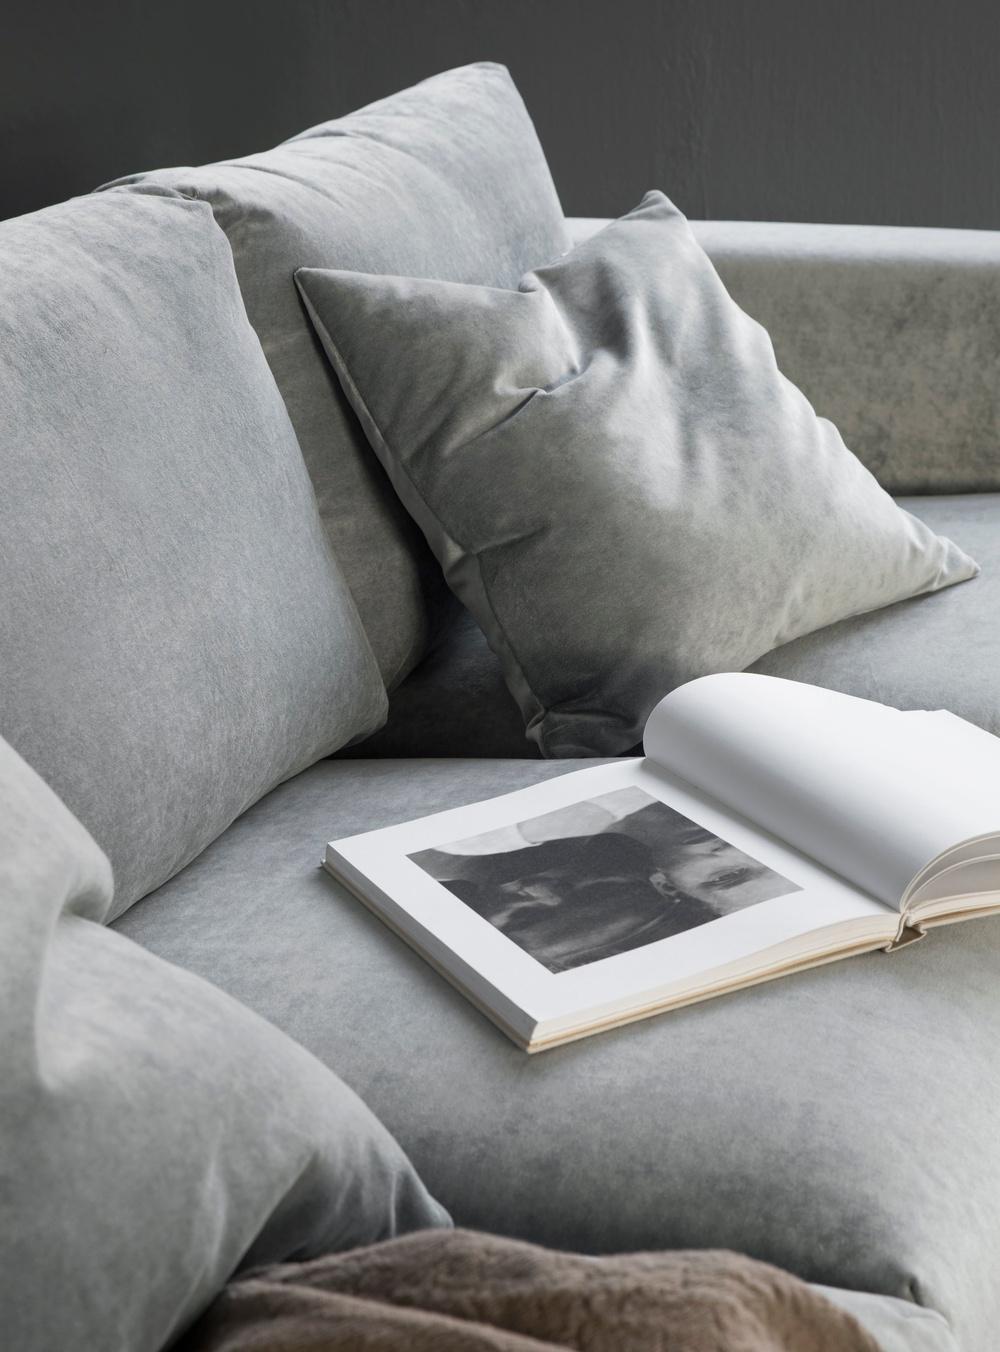 Bemz cover for Vimle 3 seater sofa, fabric: Malmen Velvet Zinc Grey. Bemz cushion cover, fabric: Malmen Velvet Zinc Grey. Styled by Pella Hedeby. Photographer Sara Medina Lind.